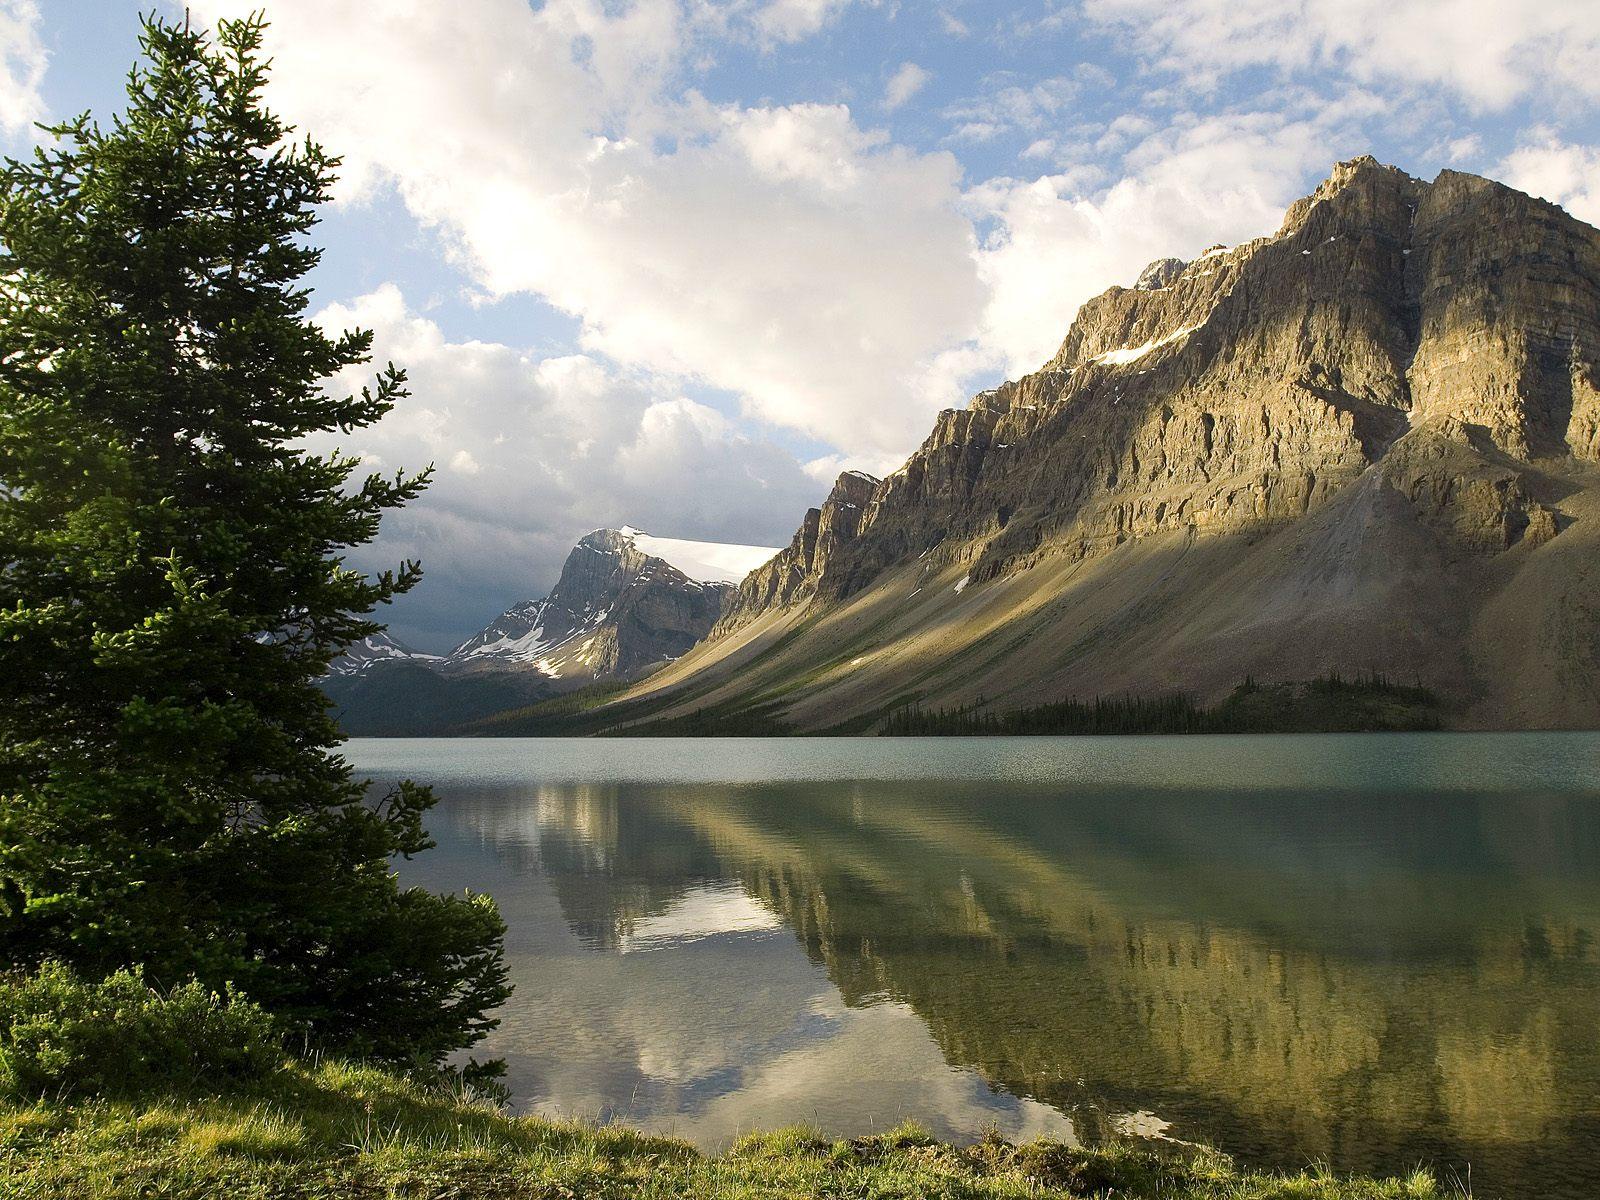 http://4.bp.blogspot.com/-i5xzcOg-BF8/TkPPEDiPxSI/AAAAAAAAACc/6FAKTy1LhS4/s1600/Lake+Wallpaper.jpg